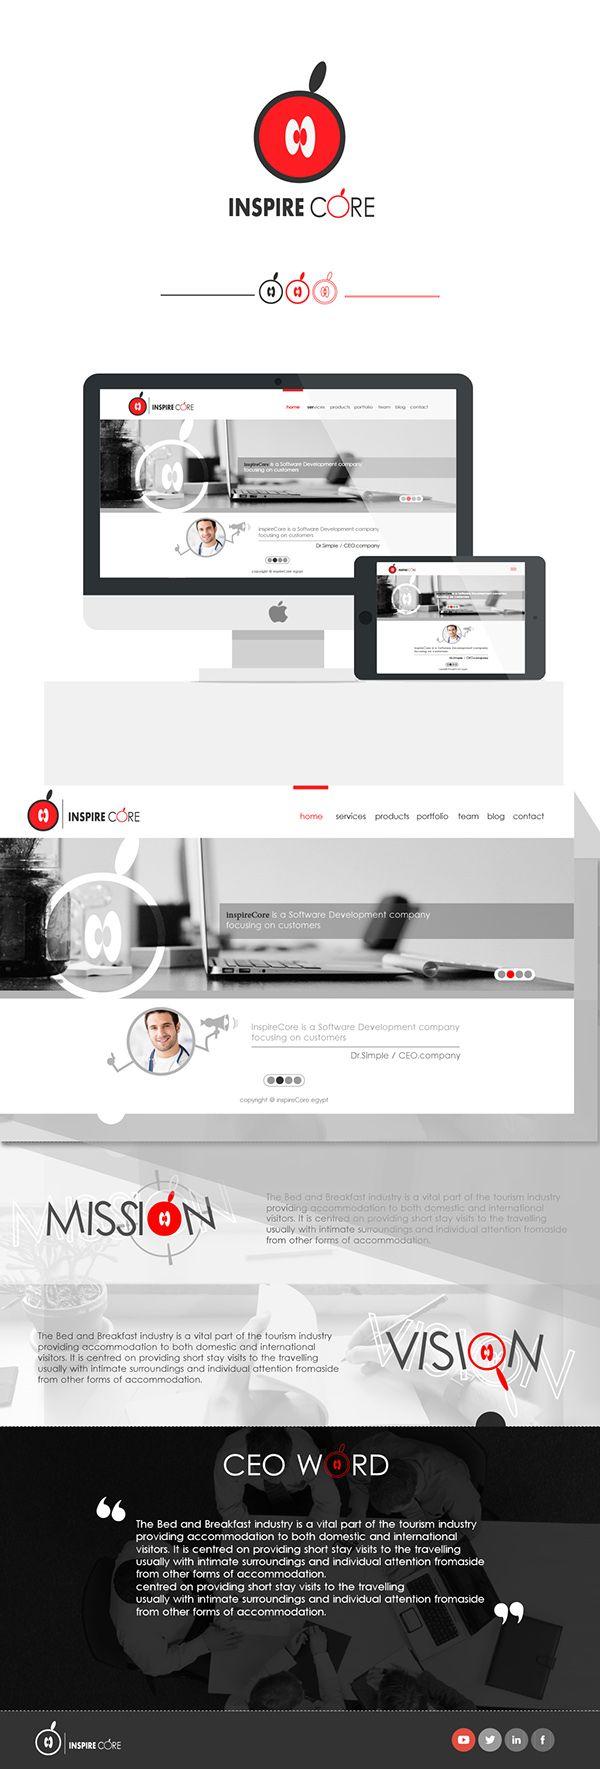 inspire core website